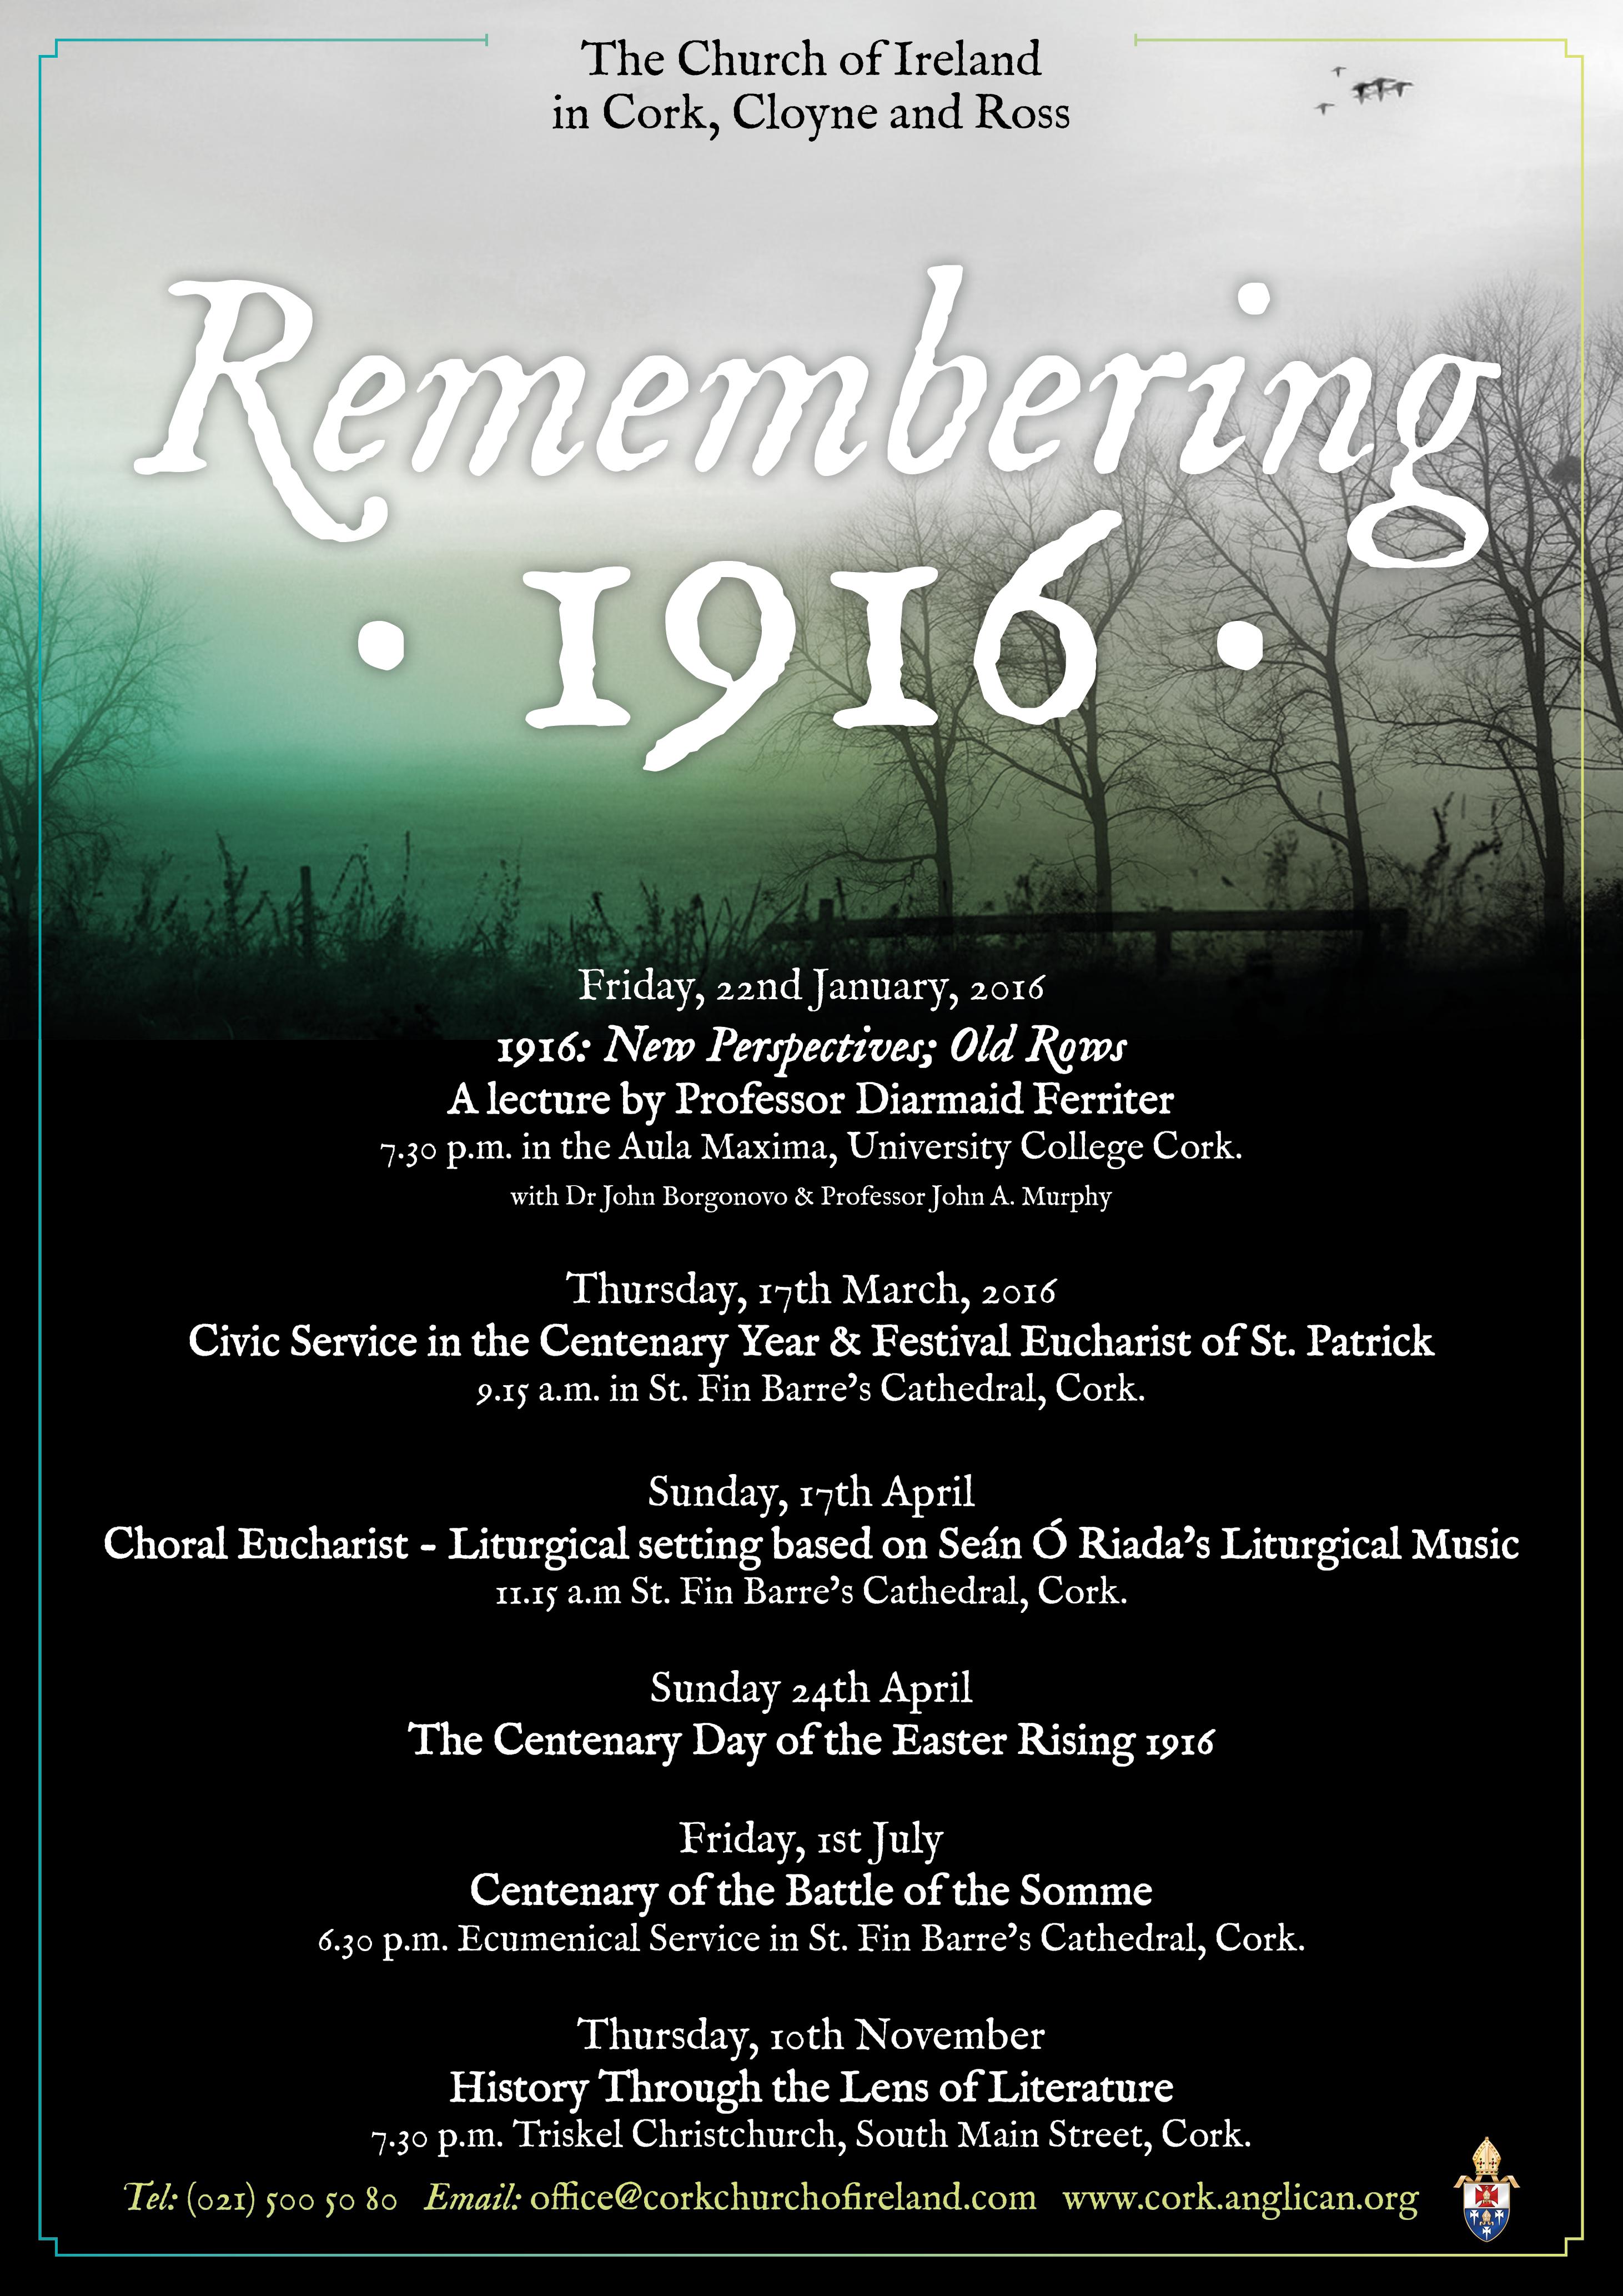 V4 1916 poster